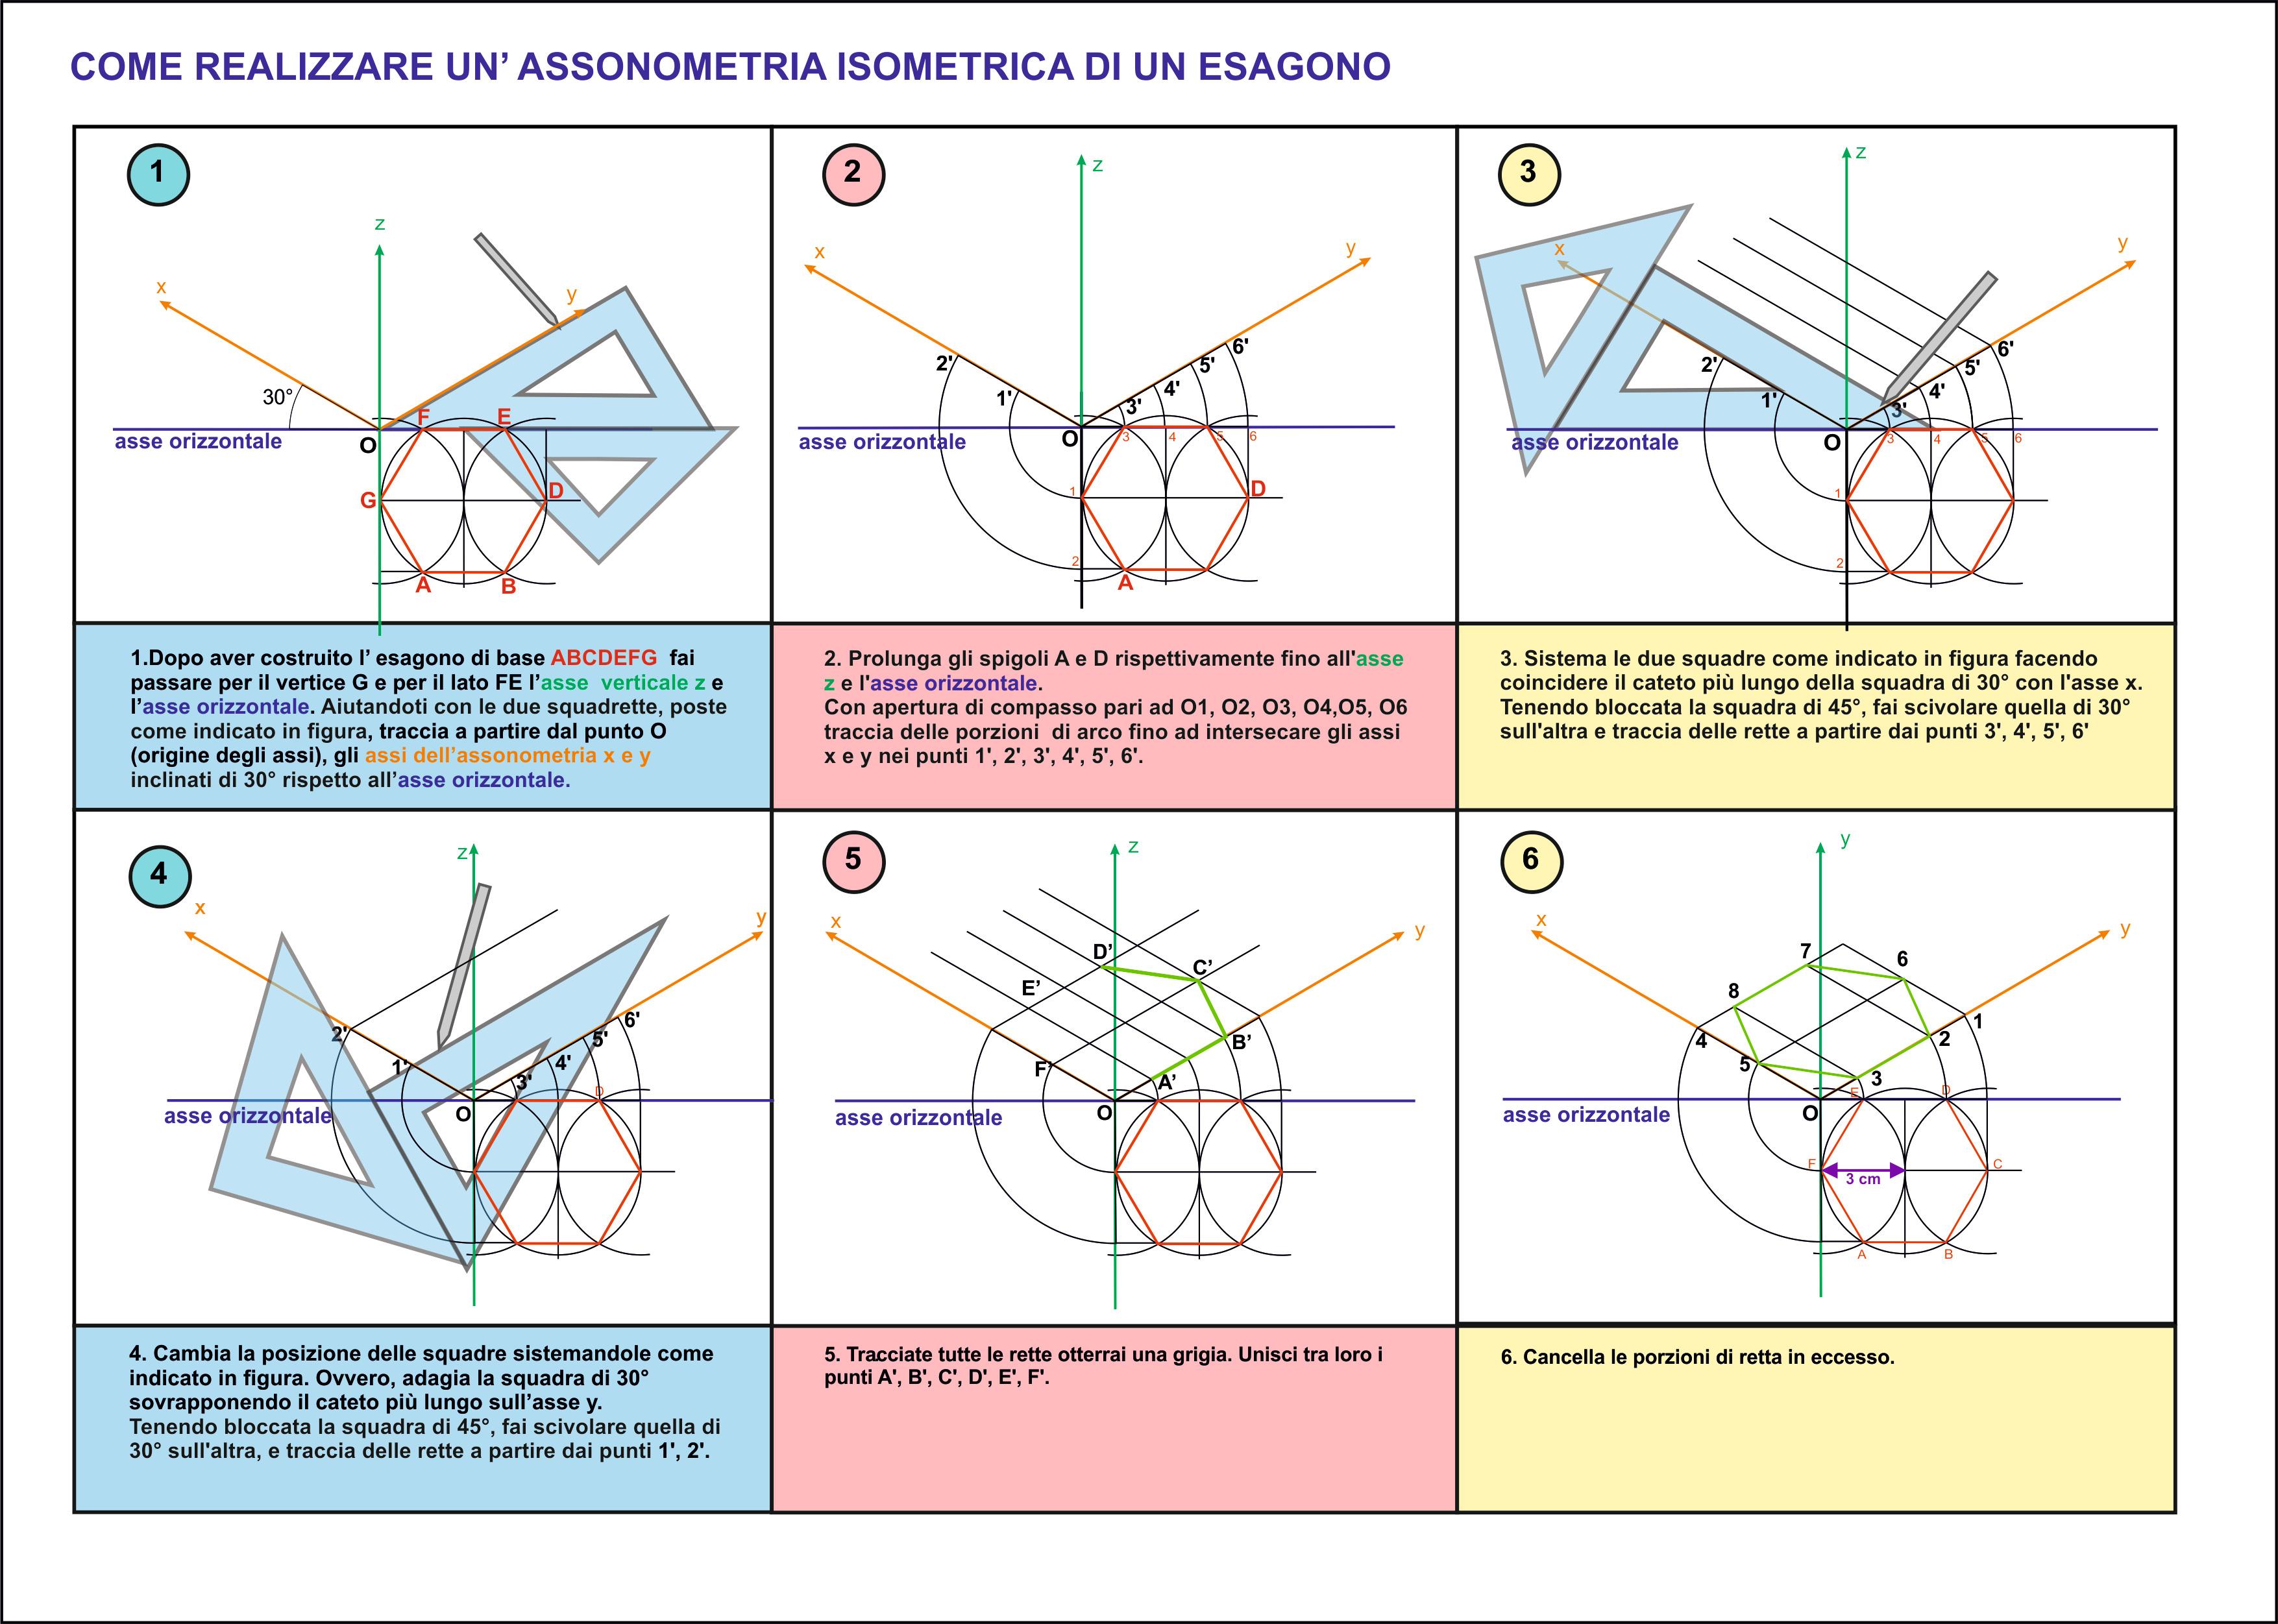 Come eseguire l'assonometria isometrica di un esagono ...